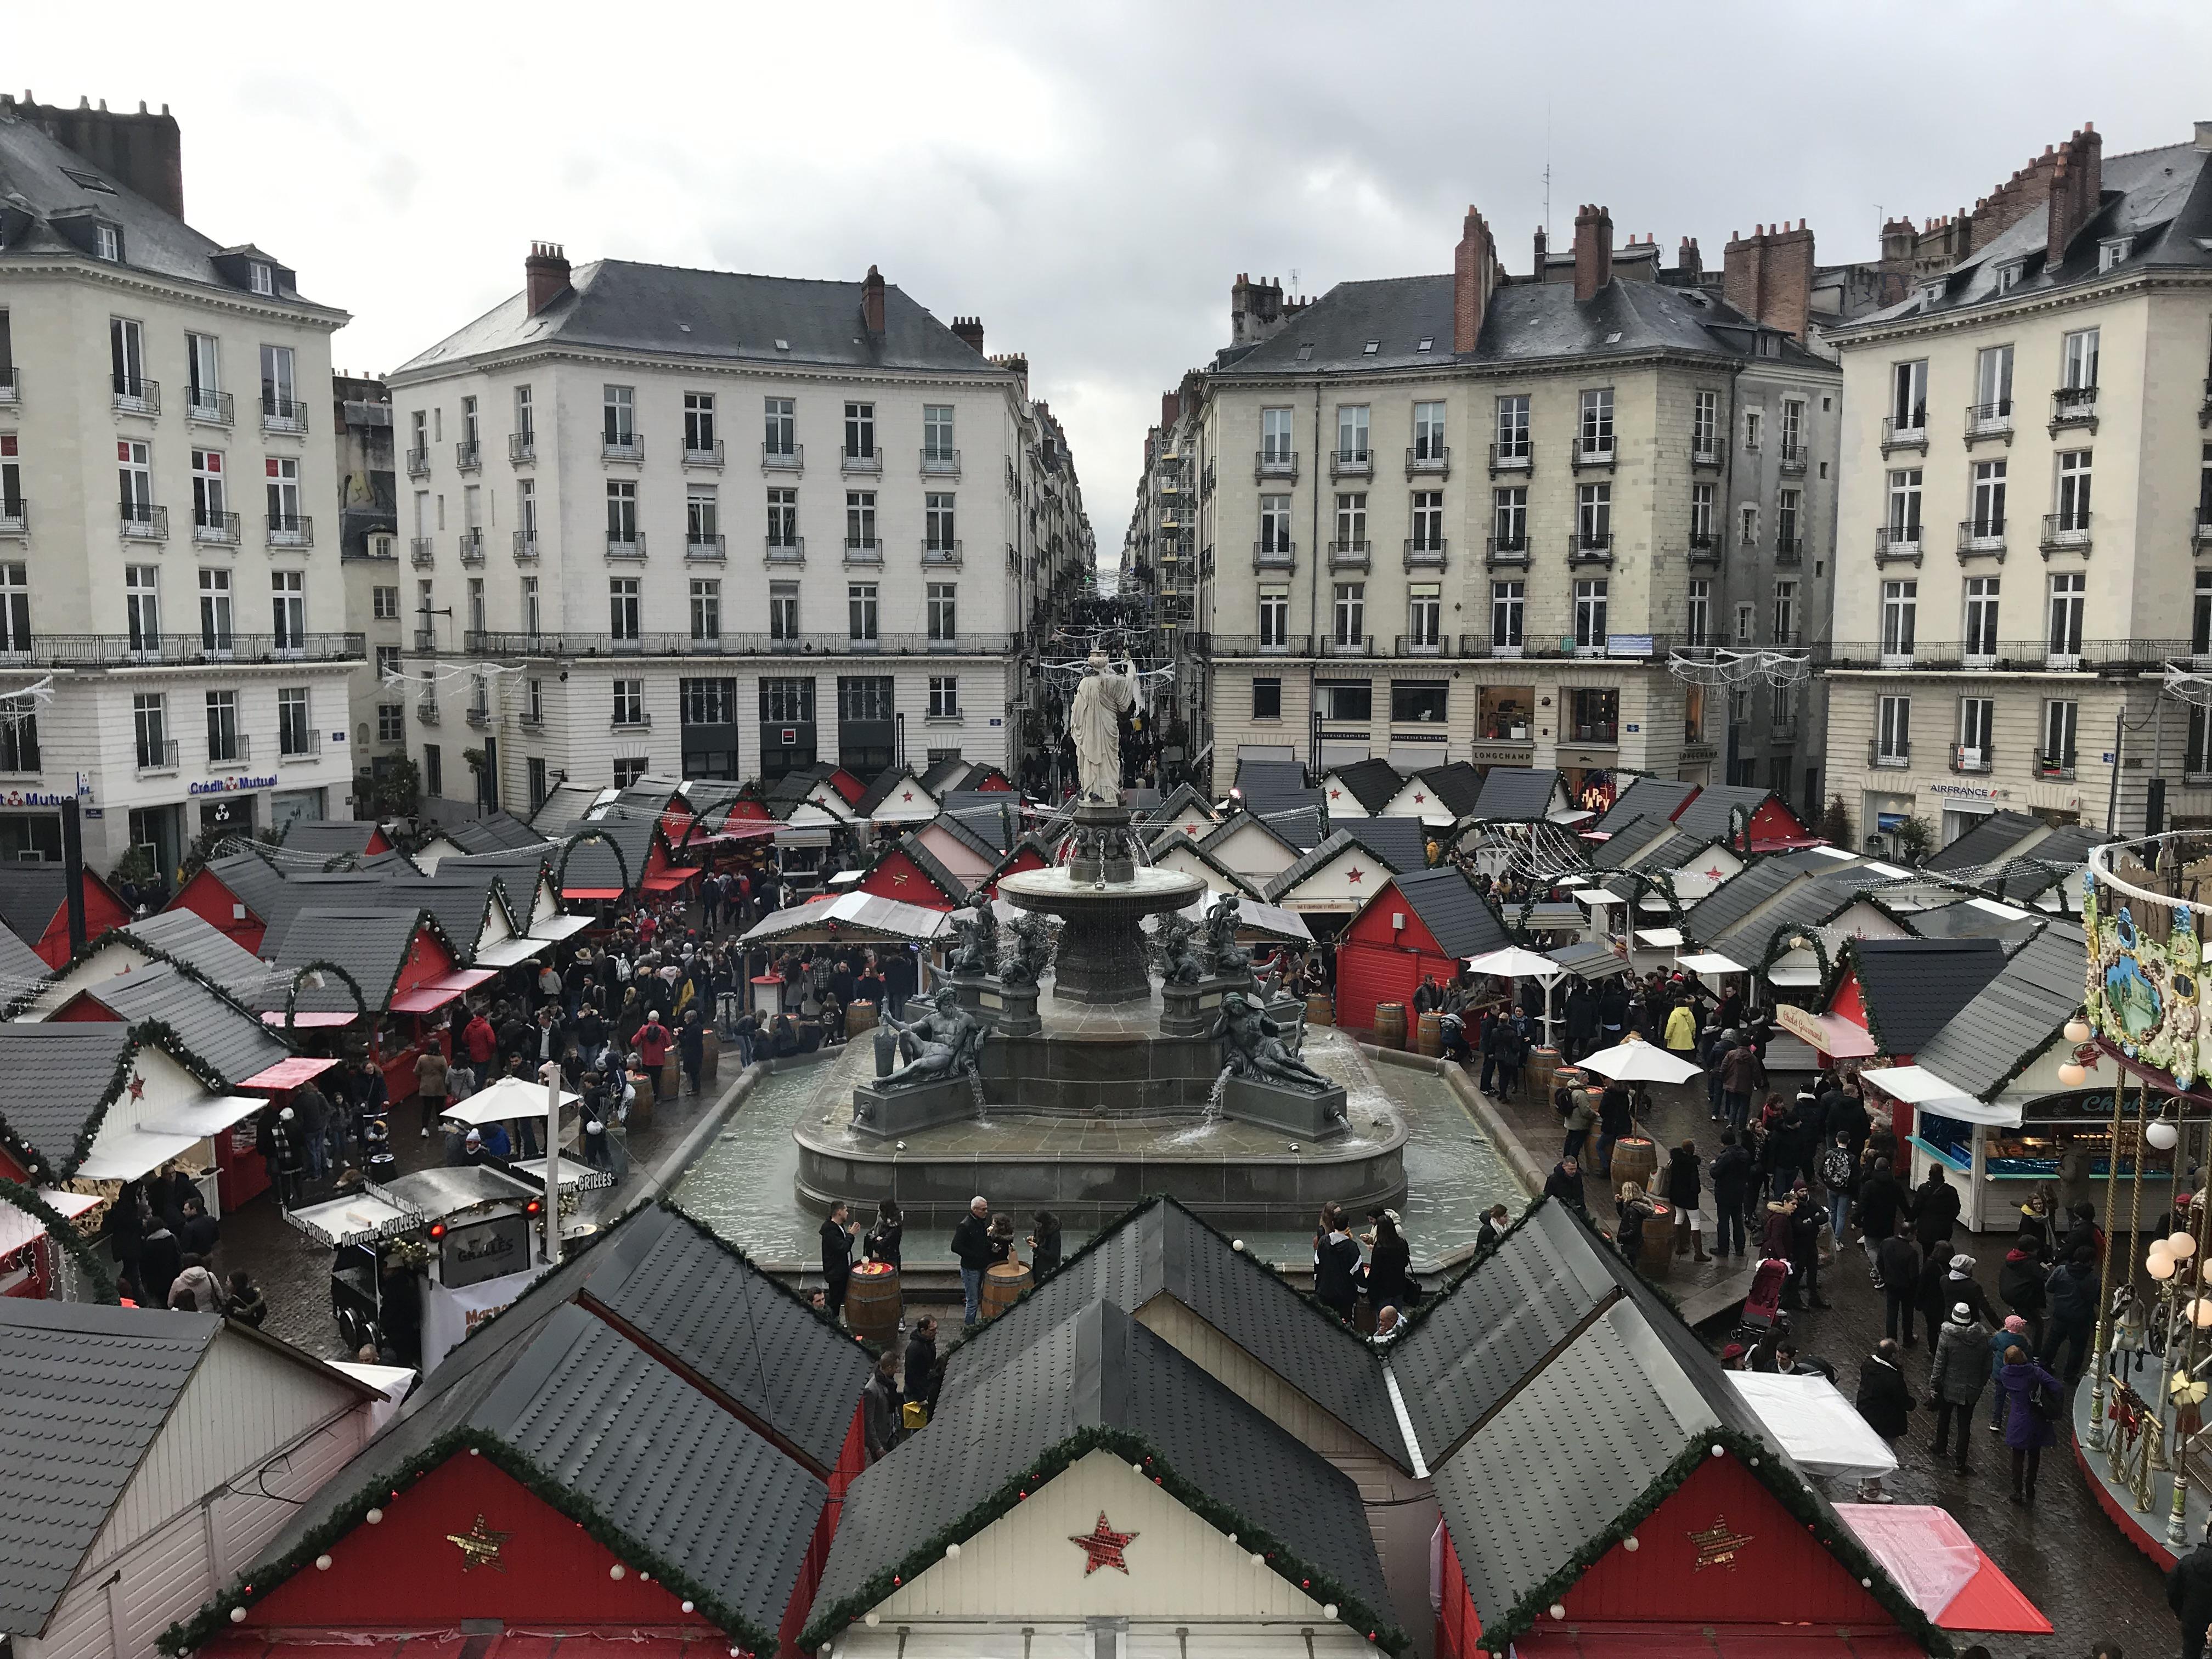 Marché de Noël de Nantes, Place Royale